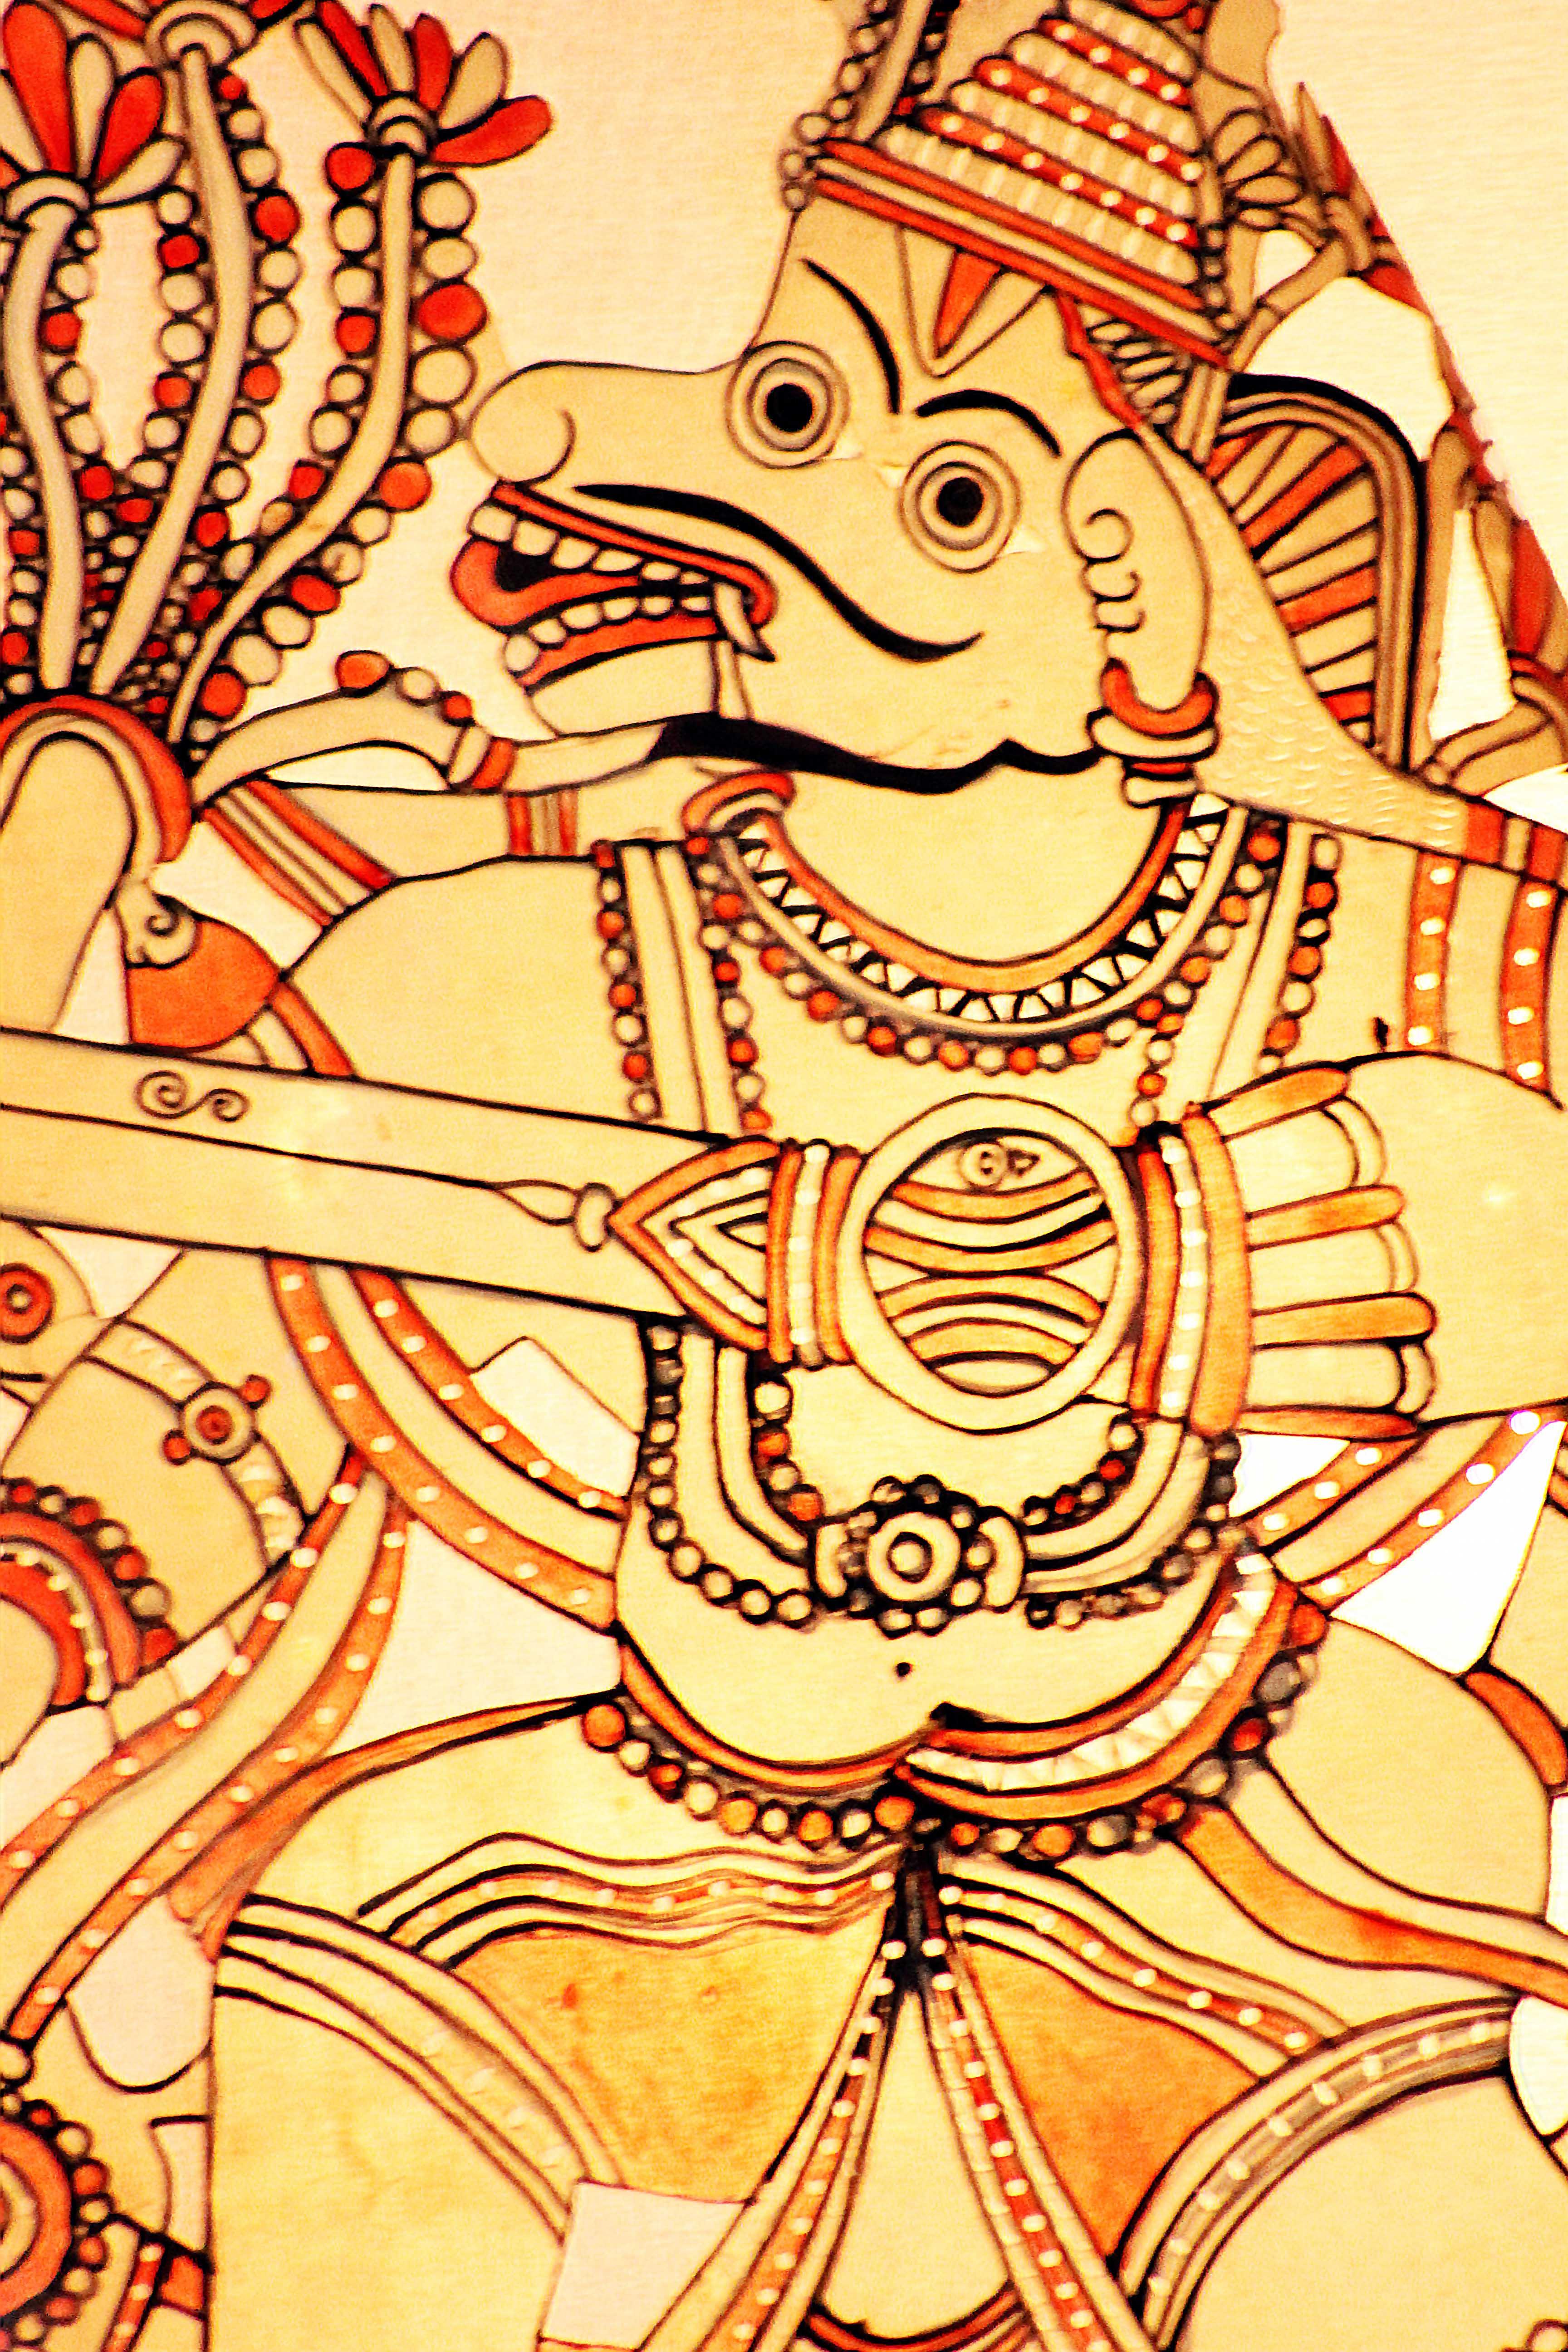 <em>Hanuman</em>, un personnage important du Râmâyana, réalisé dans le style du togalu gombeya</em>ta</em>, le théâtre d'ombres traditionnel du Tamil Nadu, en Inde